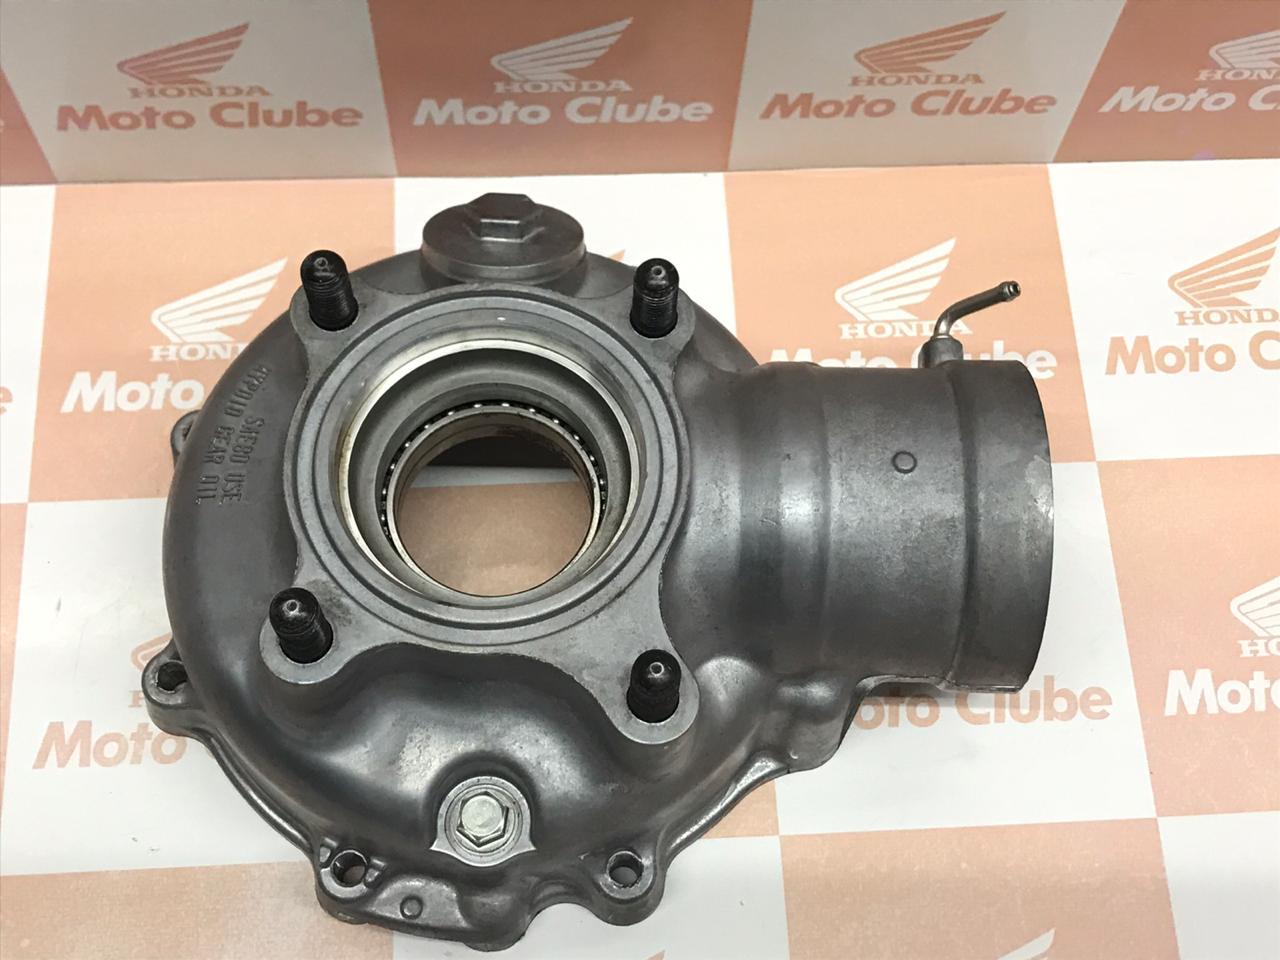 Subconjunto Tampa do Cardan Traseiro Quadriciclo Foutrax TRX 420 Original Honda  41311HP5600